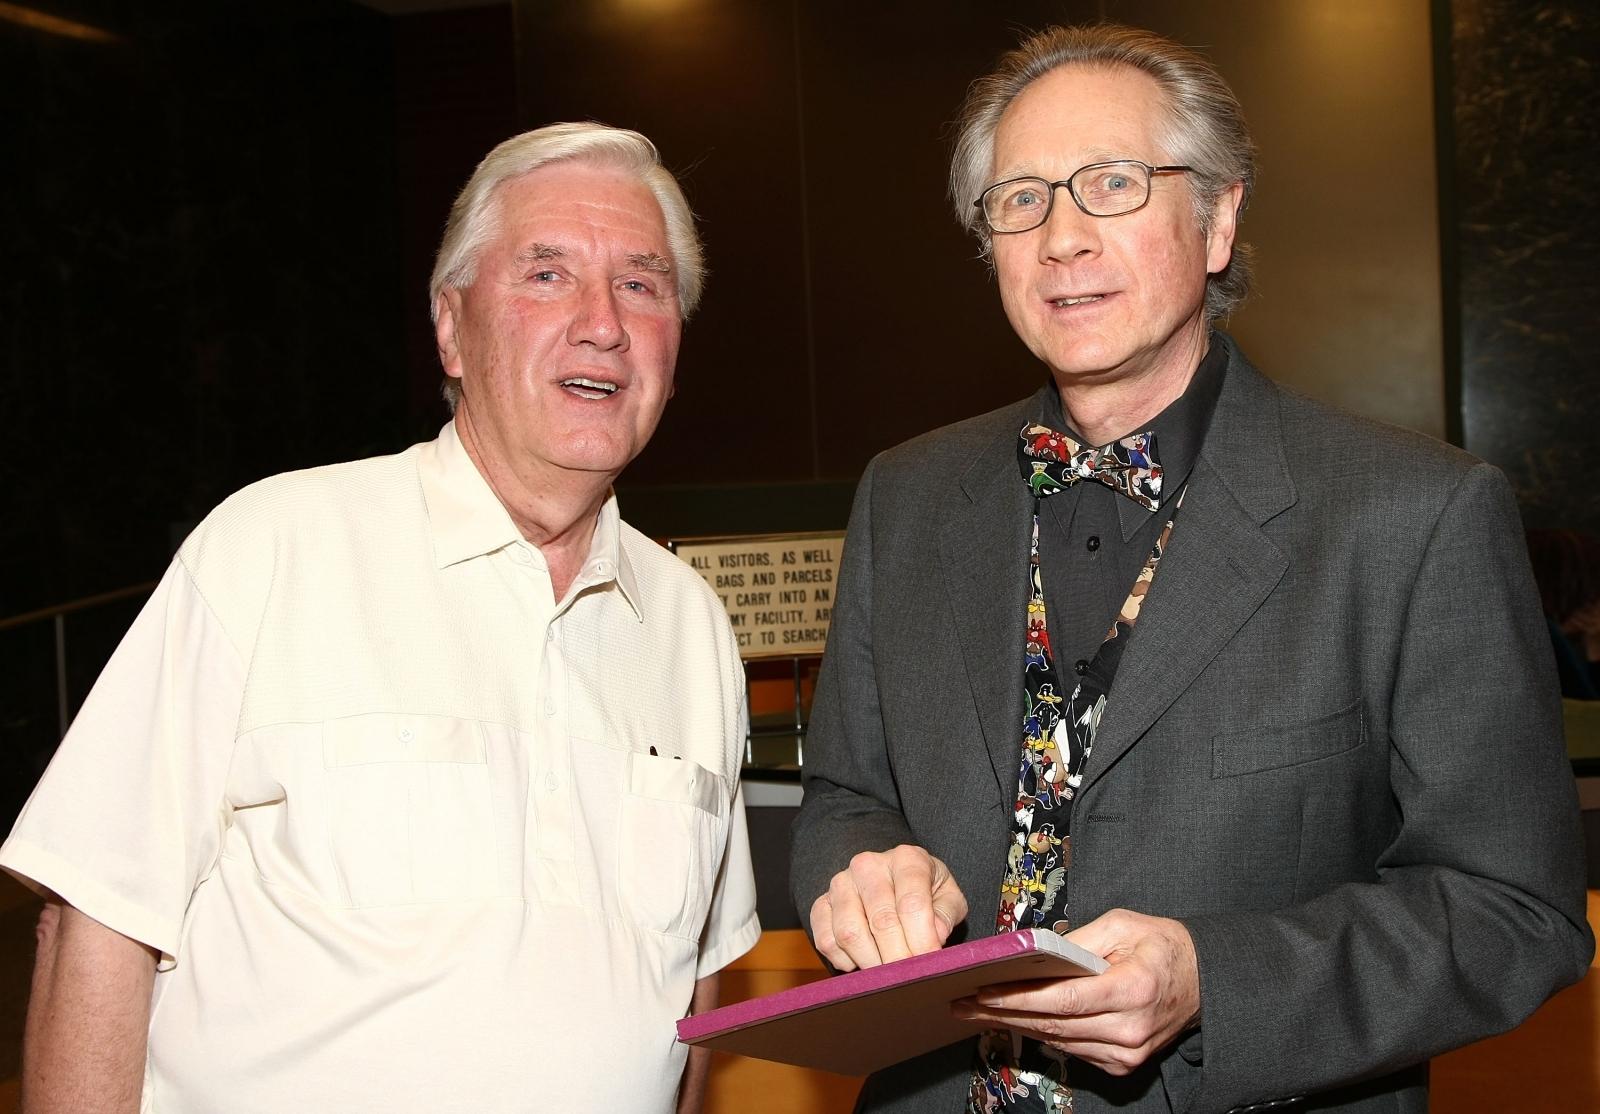 Bob Givens and Joe Adamson